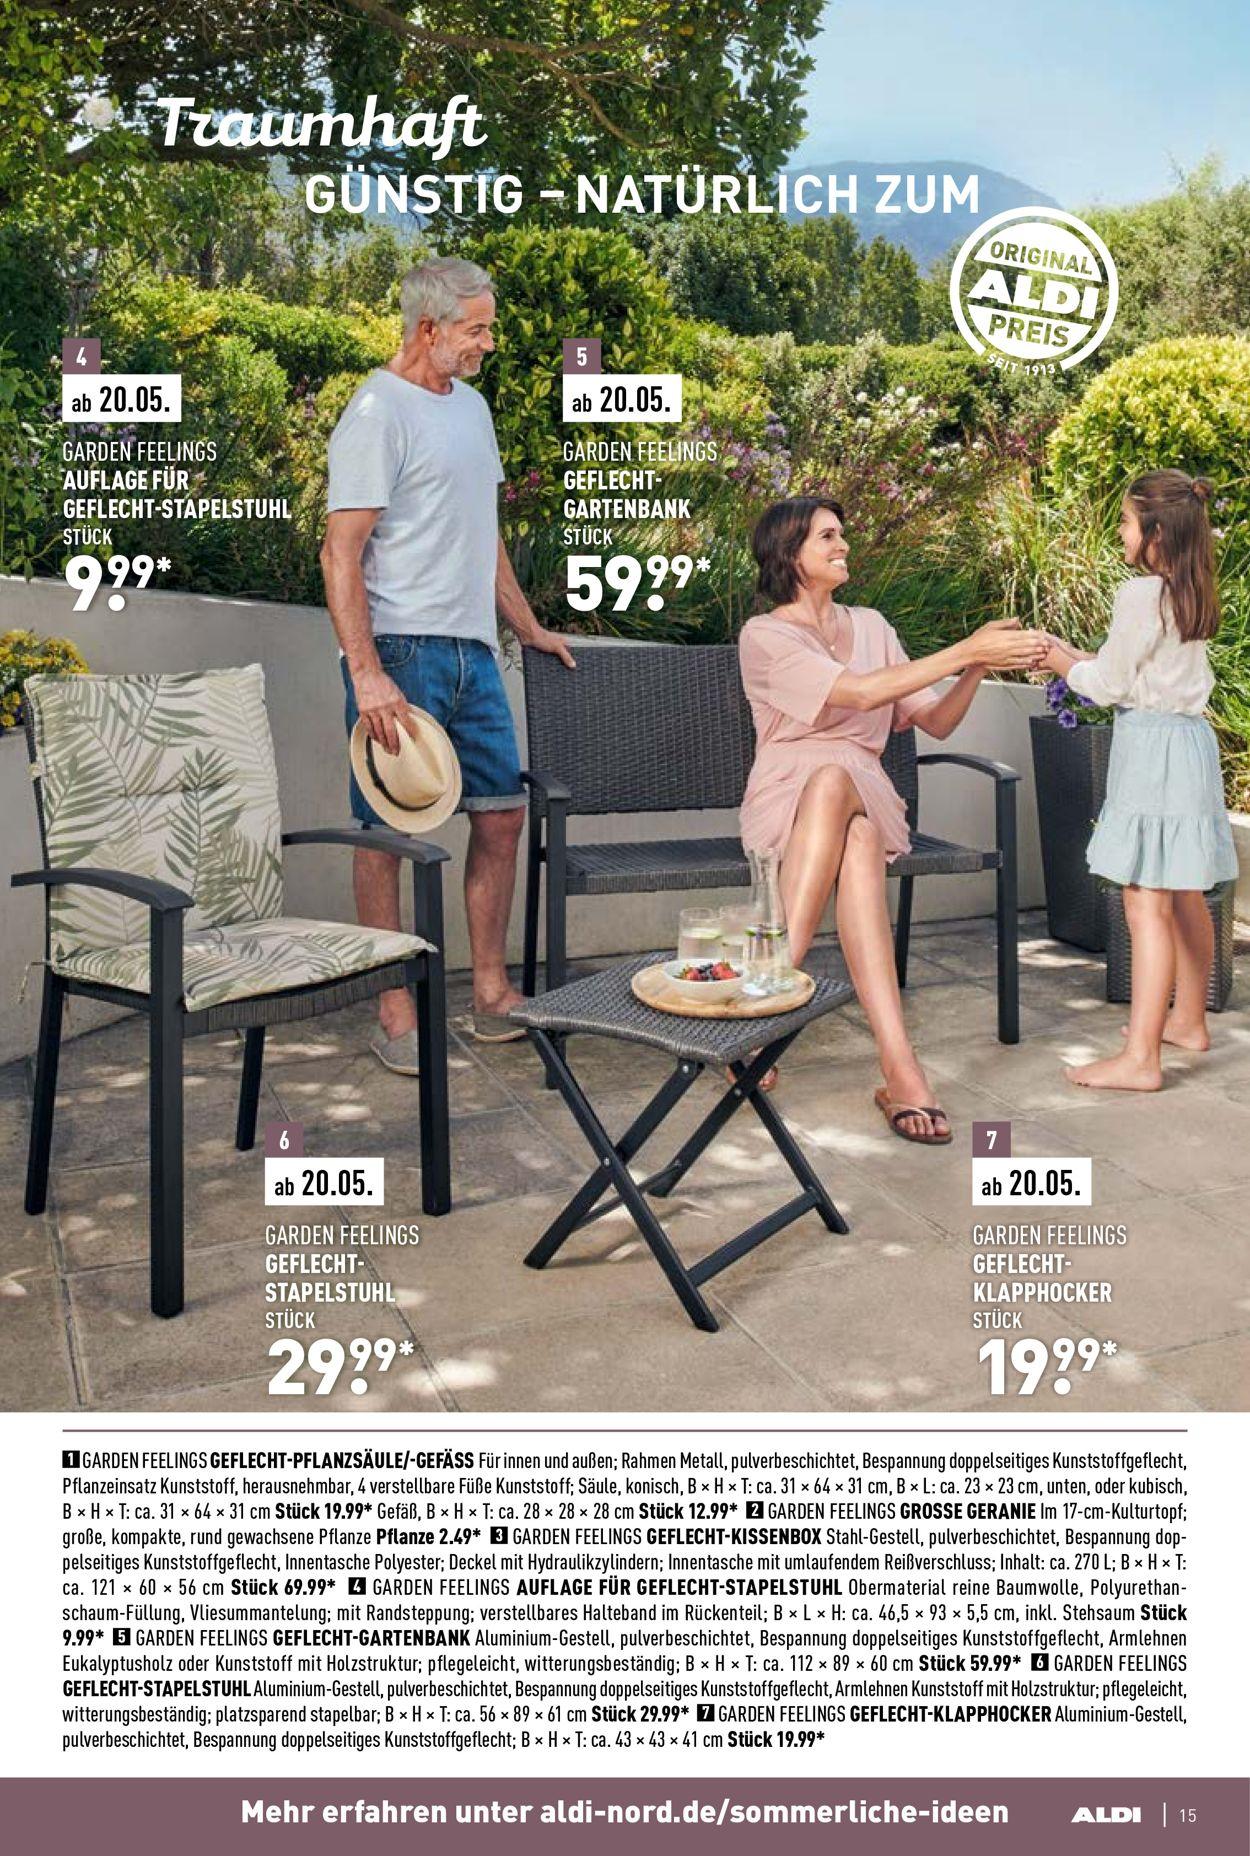 Full Size of Aldi Nord Aktueller Prospekt 0604 30042020 15 Jedewoche Relaxsessel Garten Wohnzimmer Aldi Gartenbank